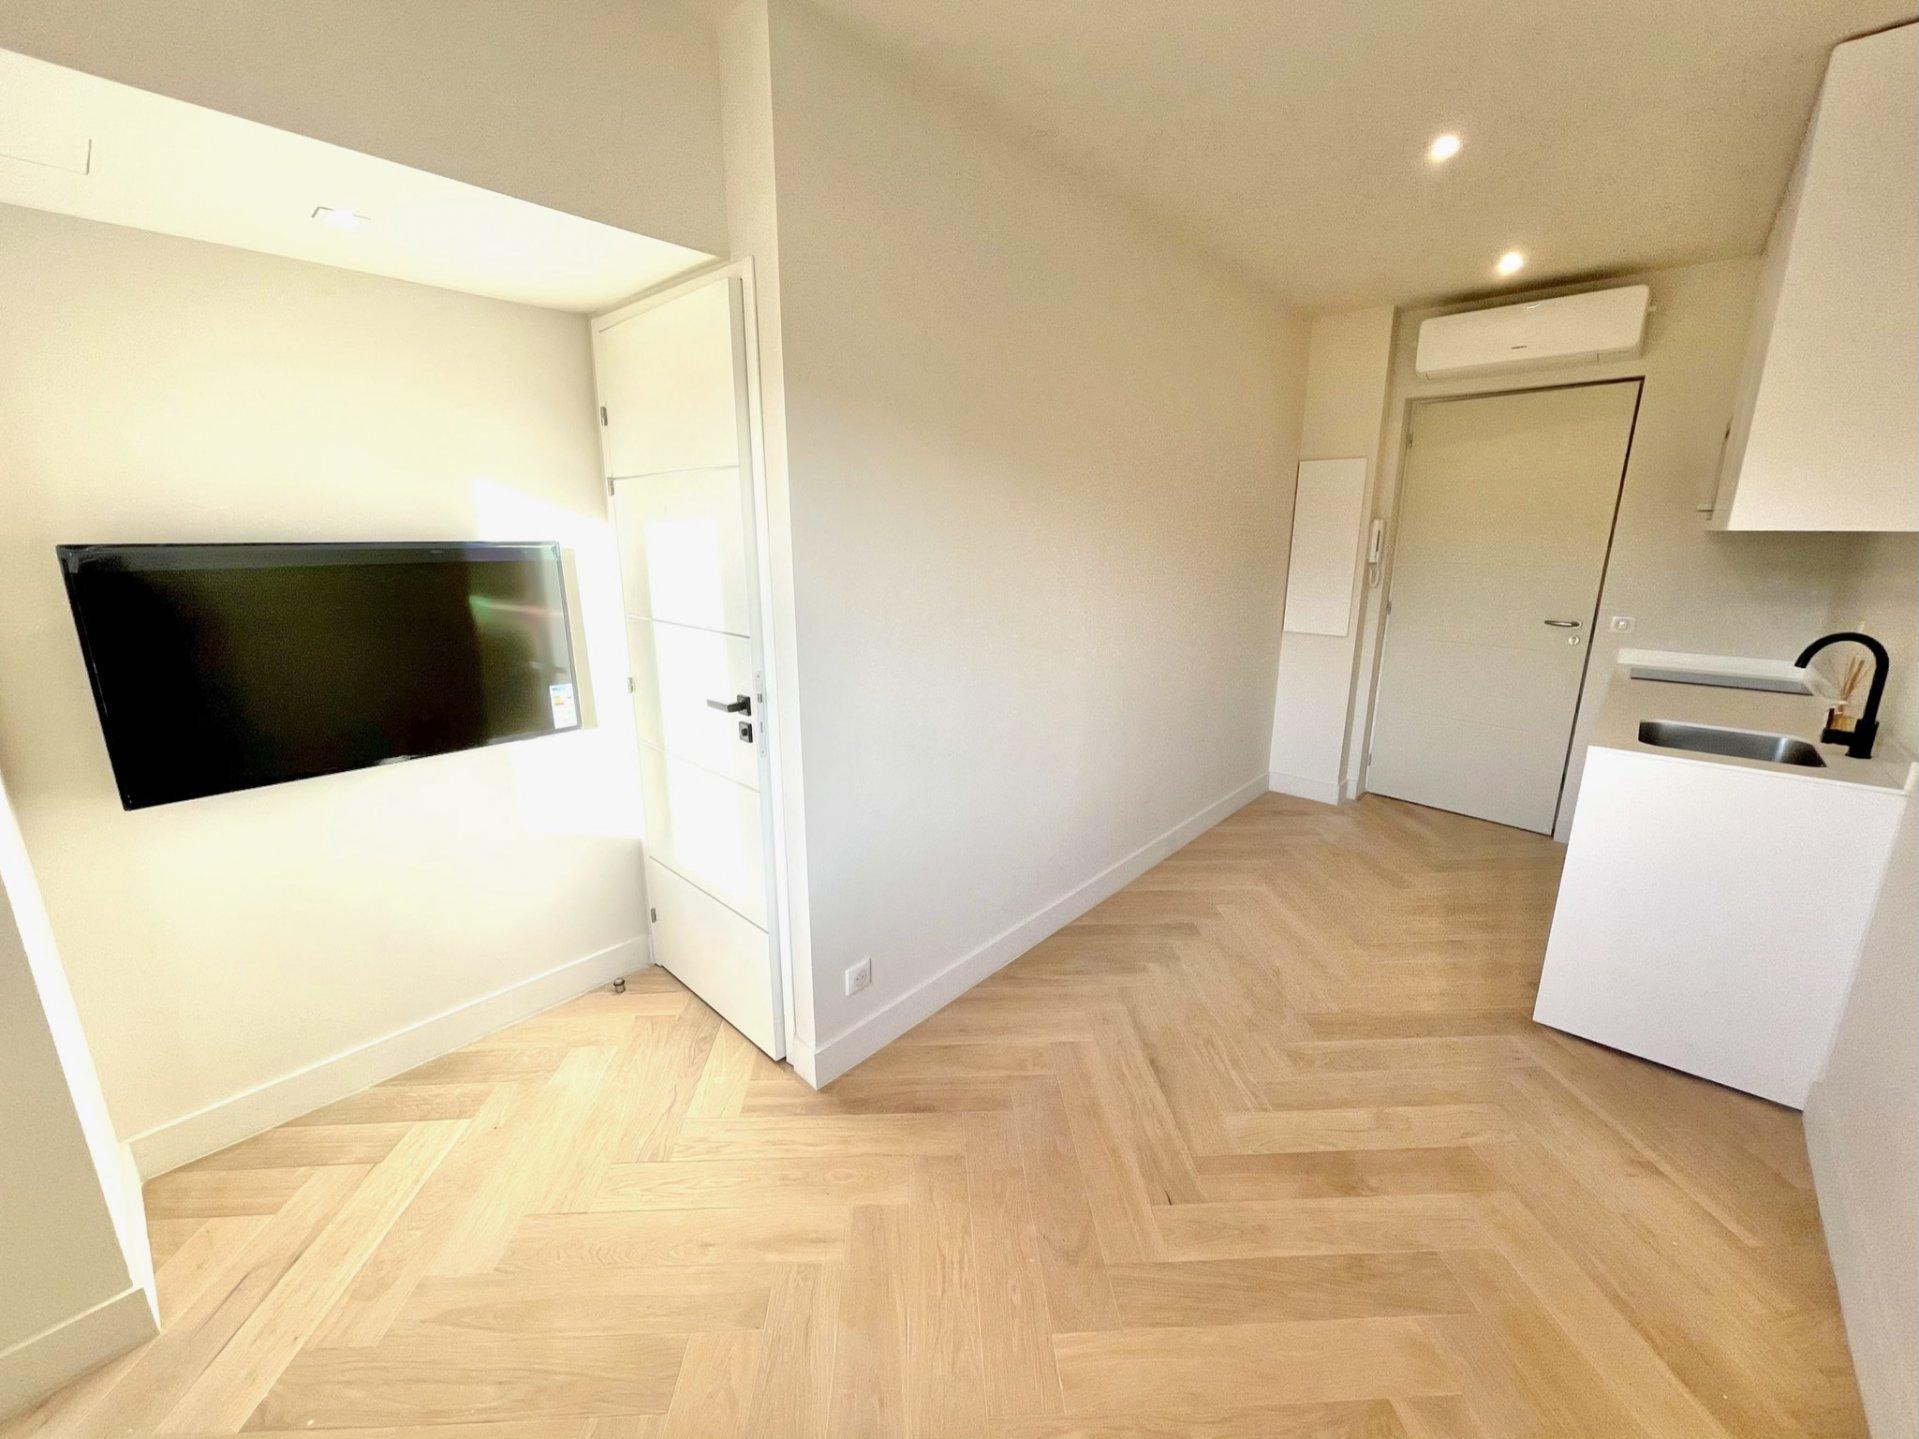 NICE GAMBETTA - Beautifull studio renovated